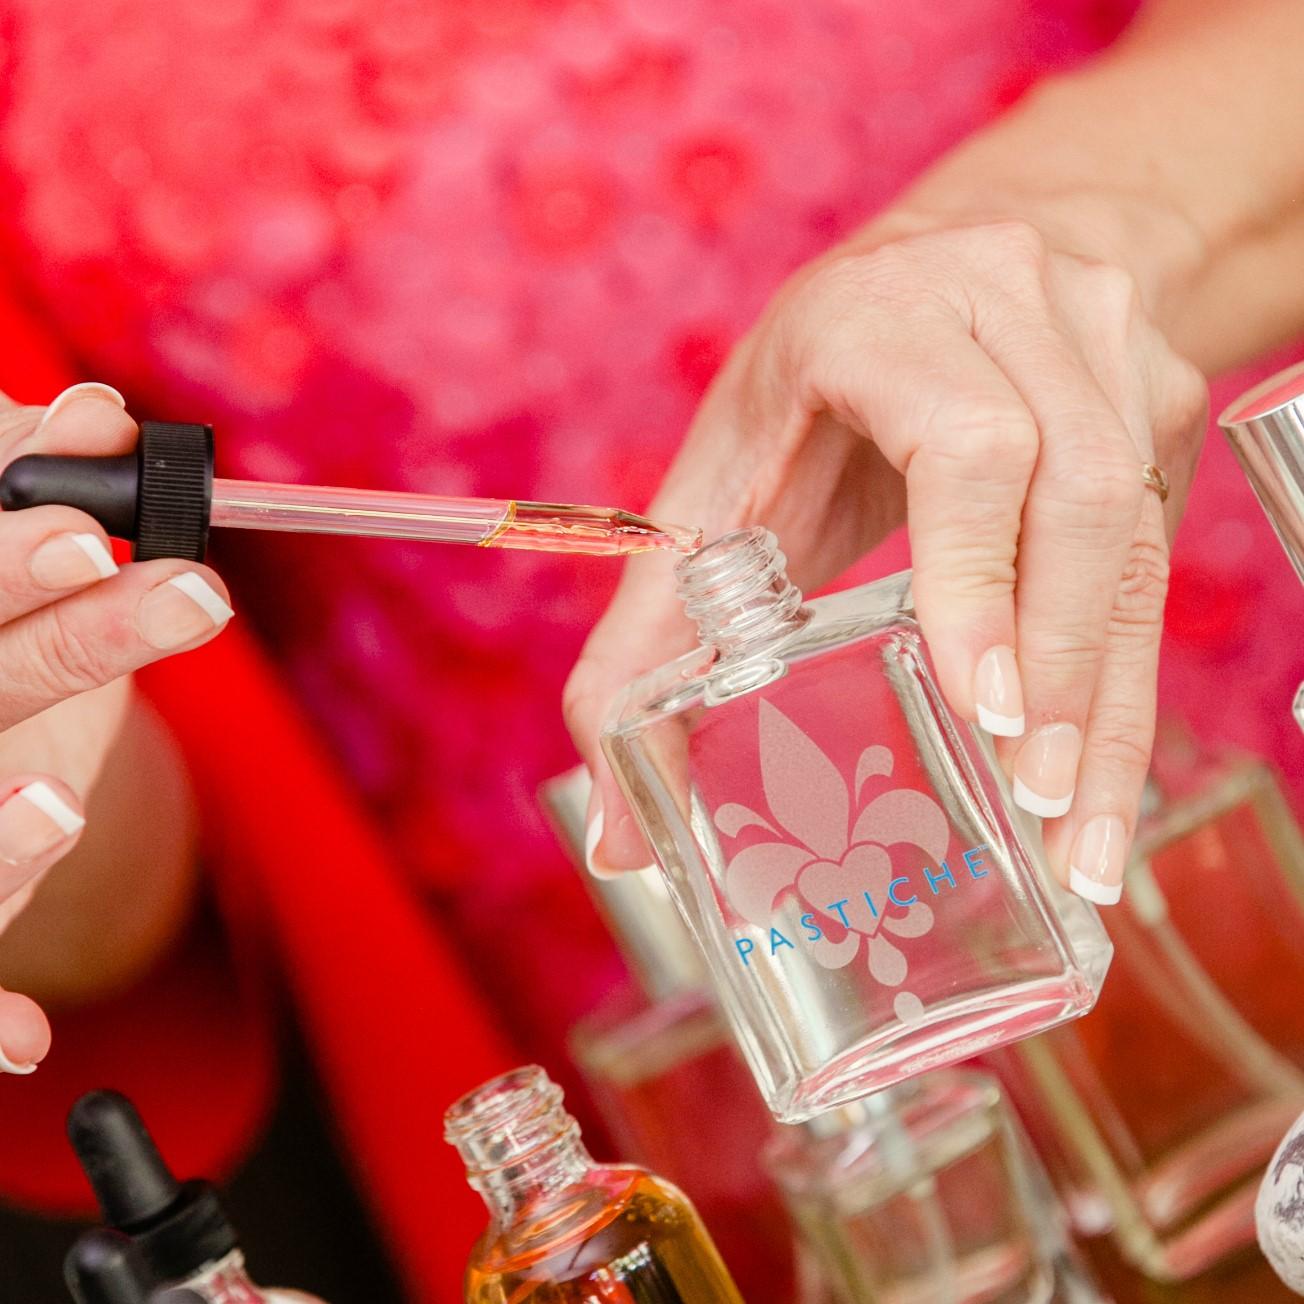 Blending Fragrances at the Scent Bar